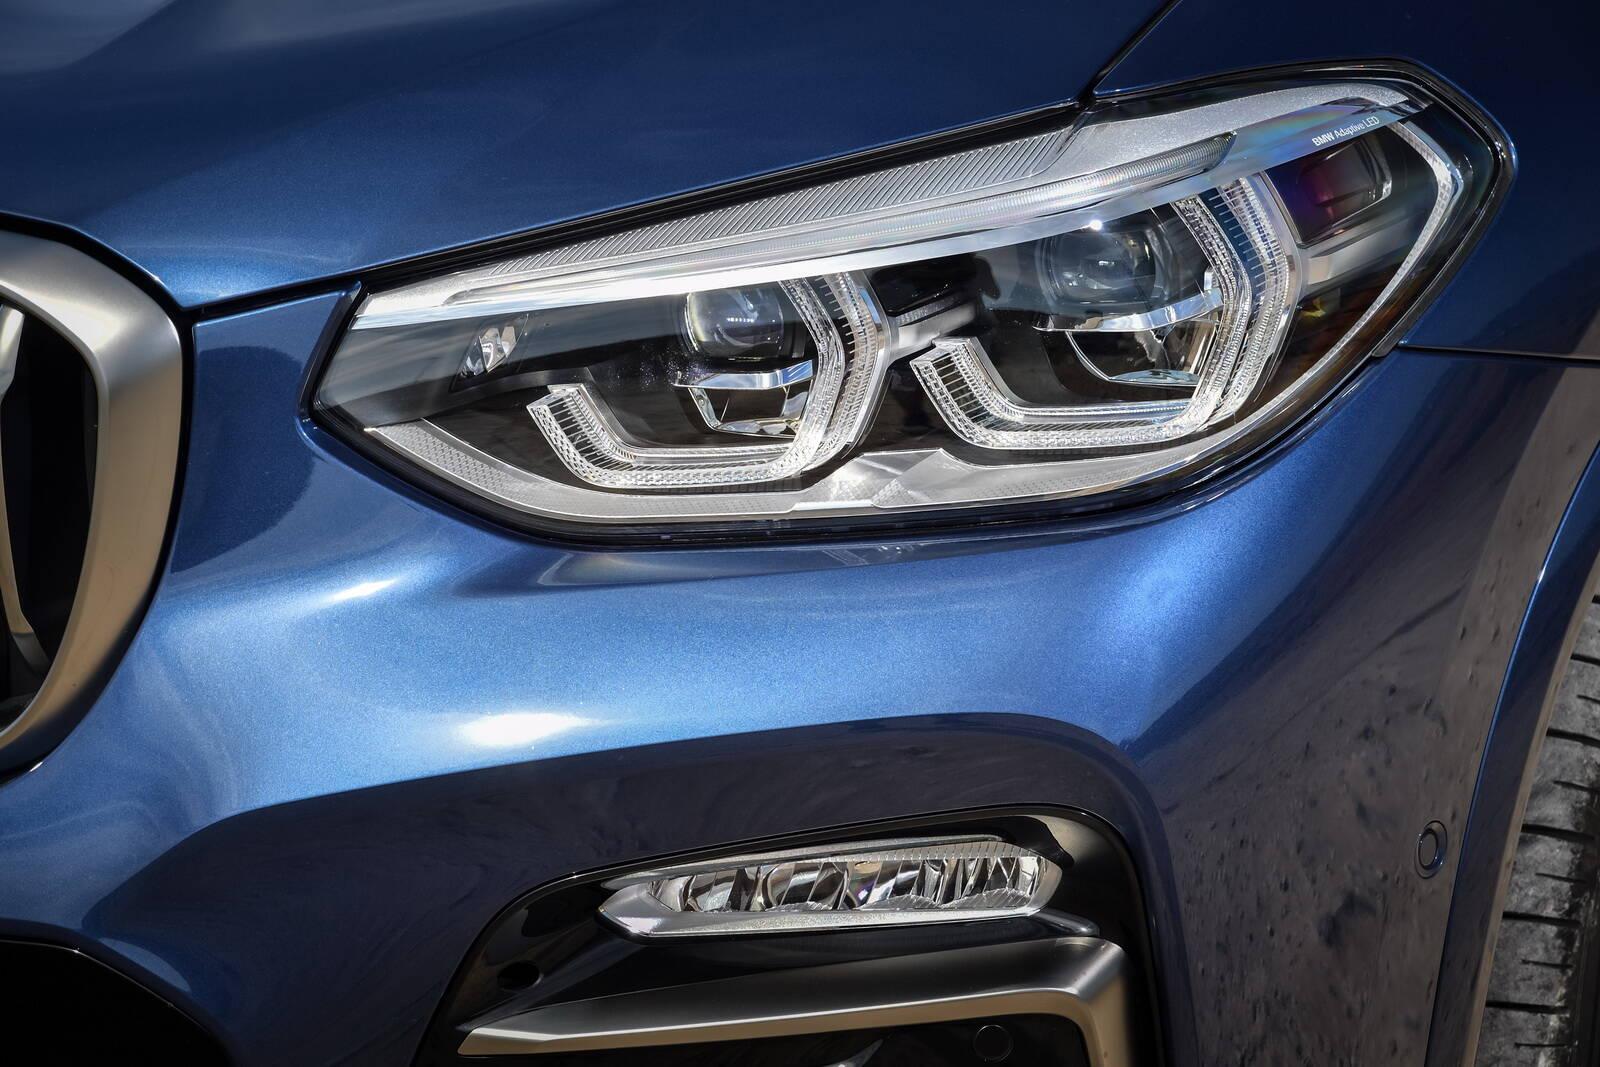 BMW X3. Foto: Divulgação